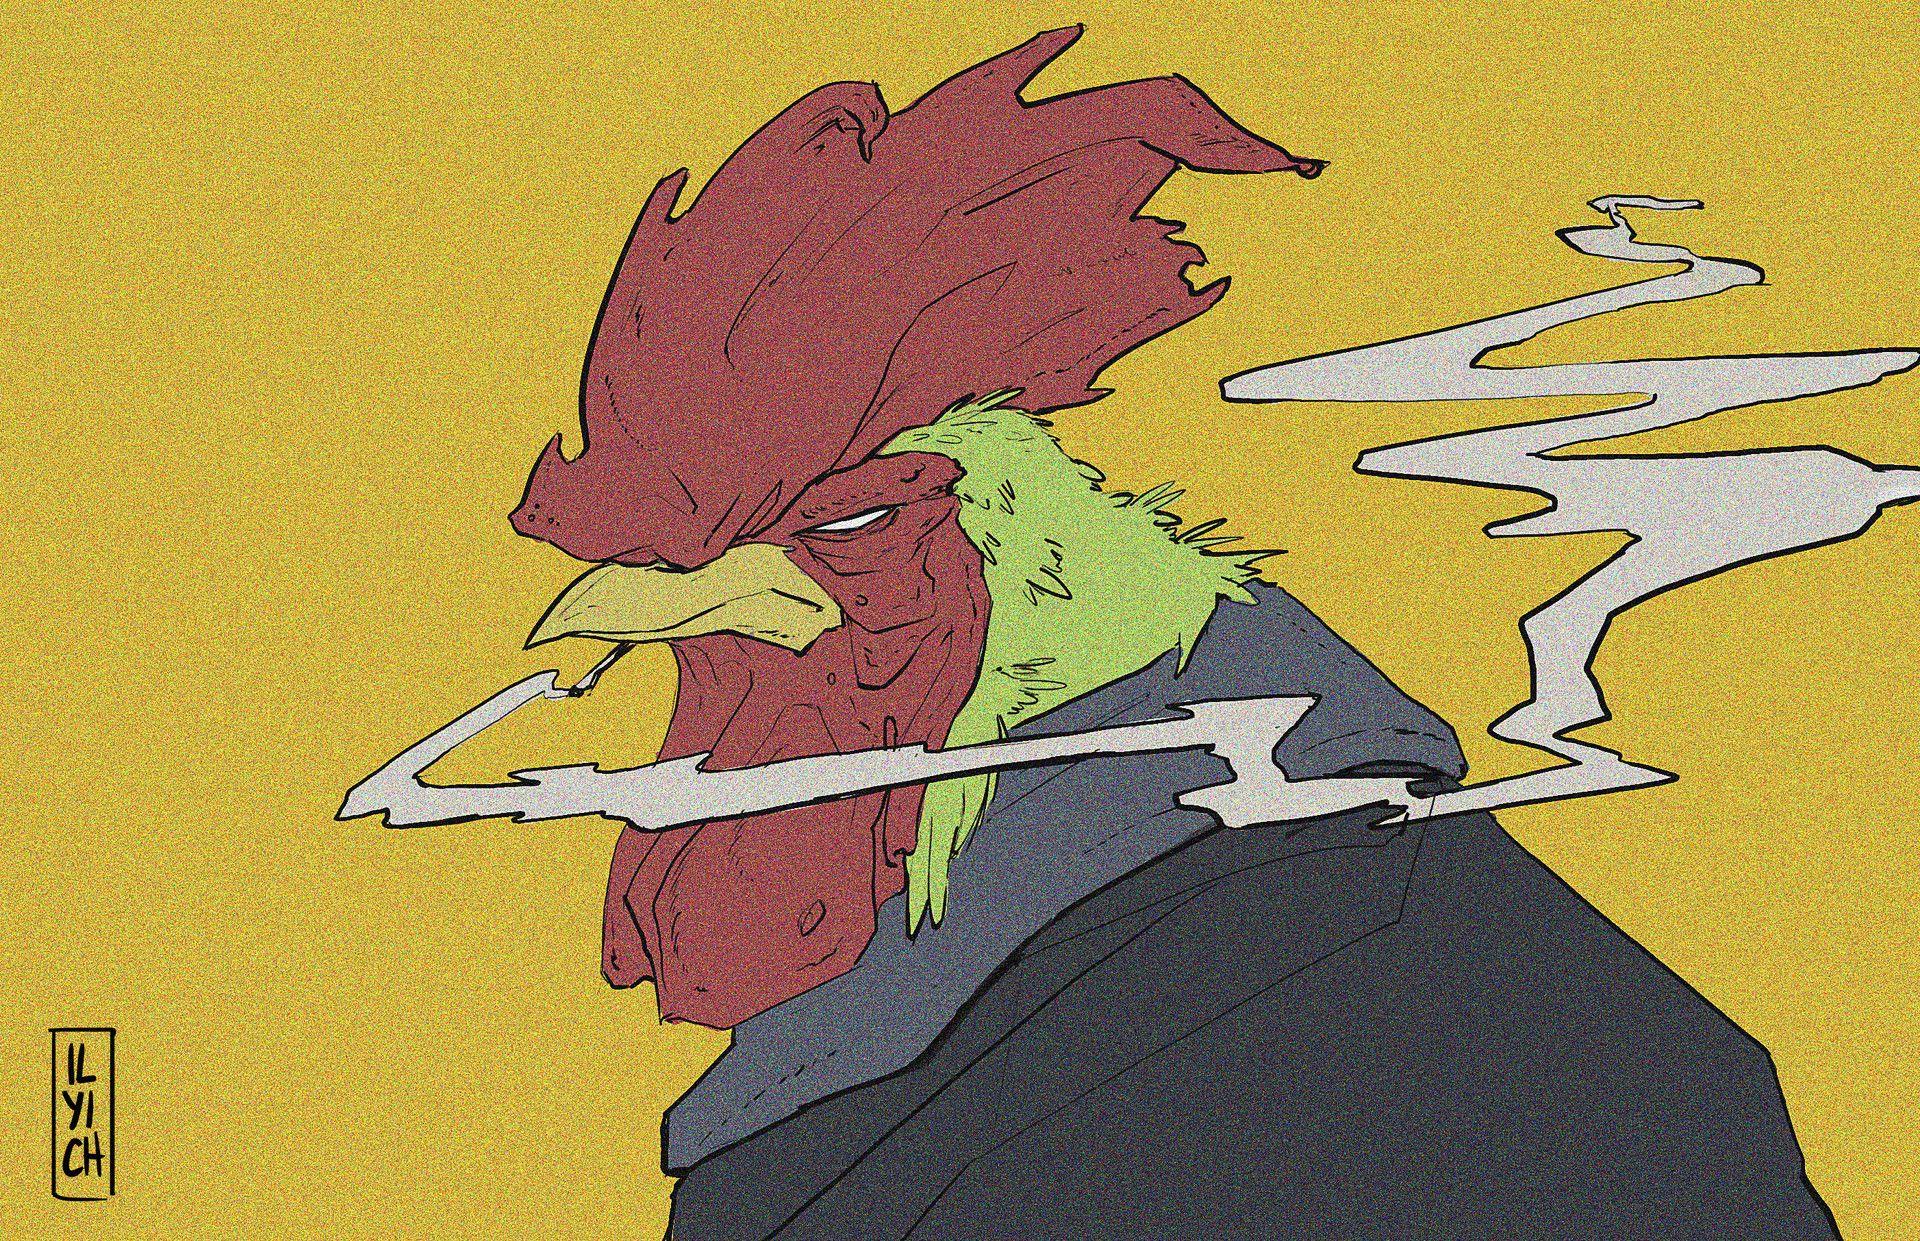 ArtStation - Mr. Chicken, Pablo Ilyich